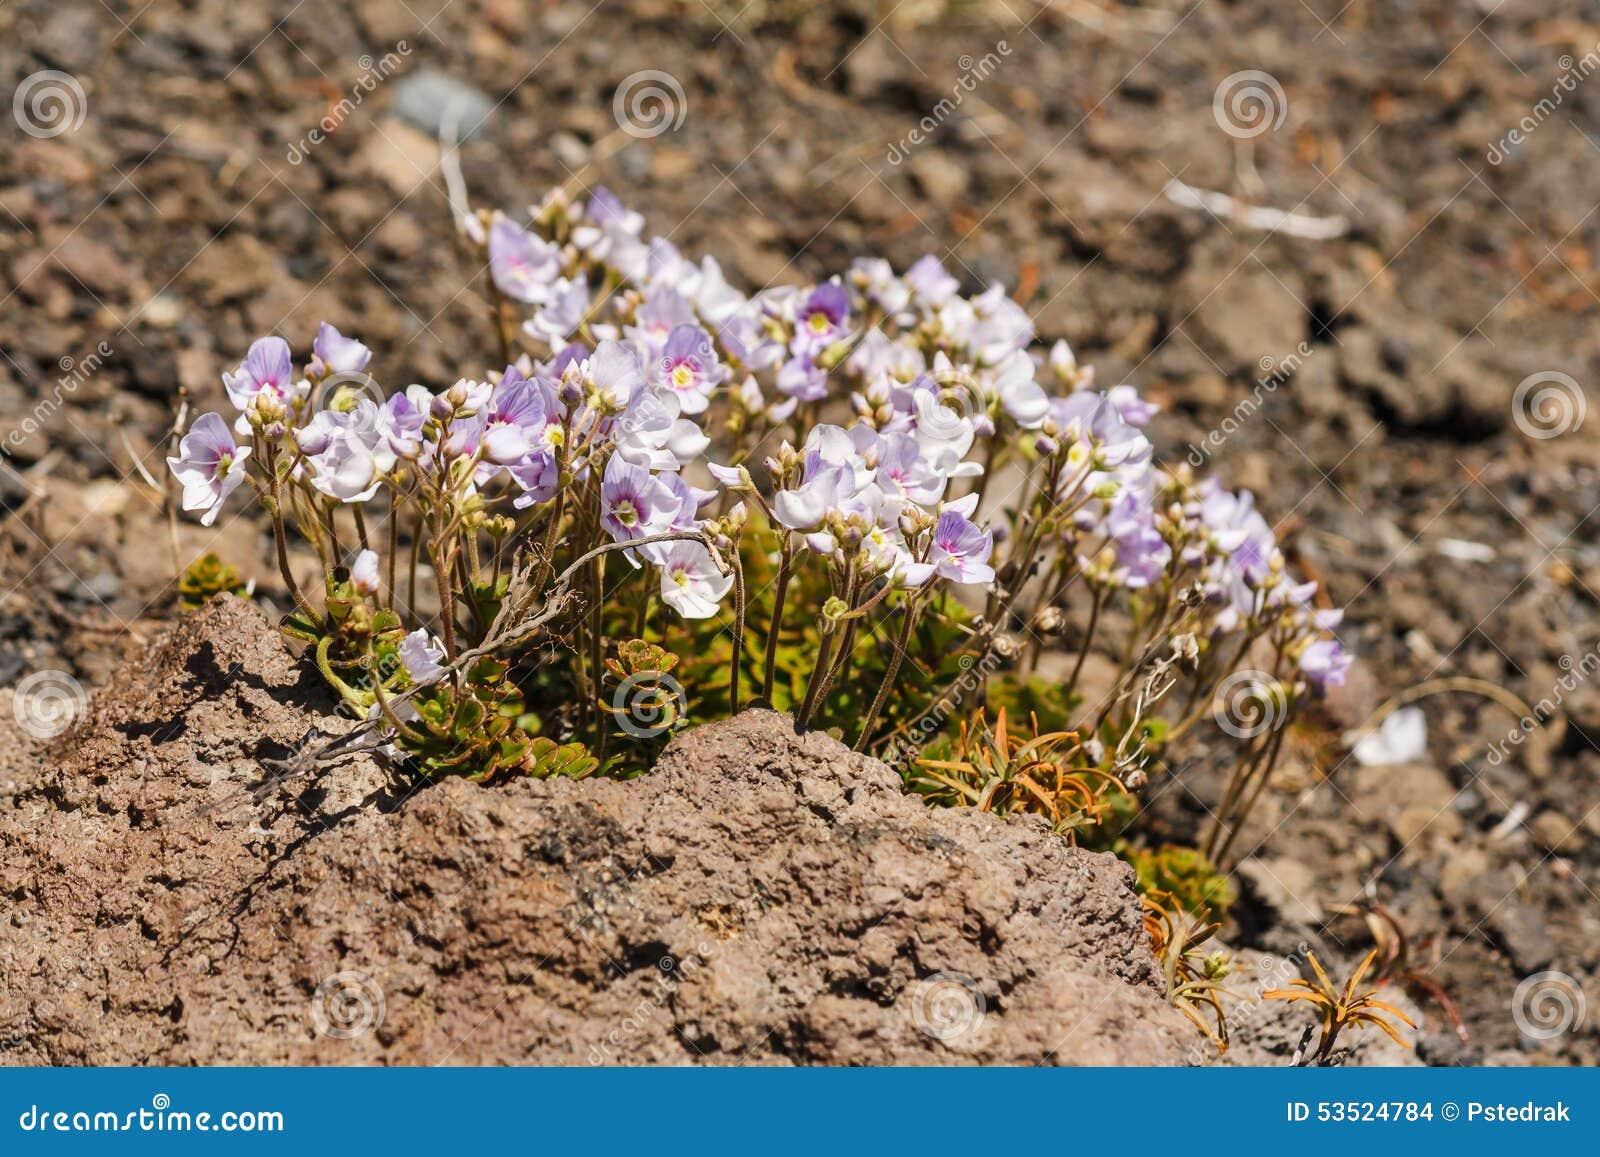 Crescimento de flores cor-de-rosa em rochas vulcânicas